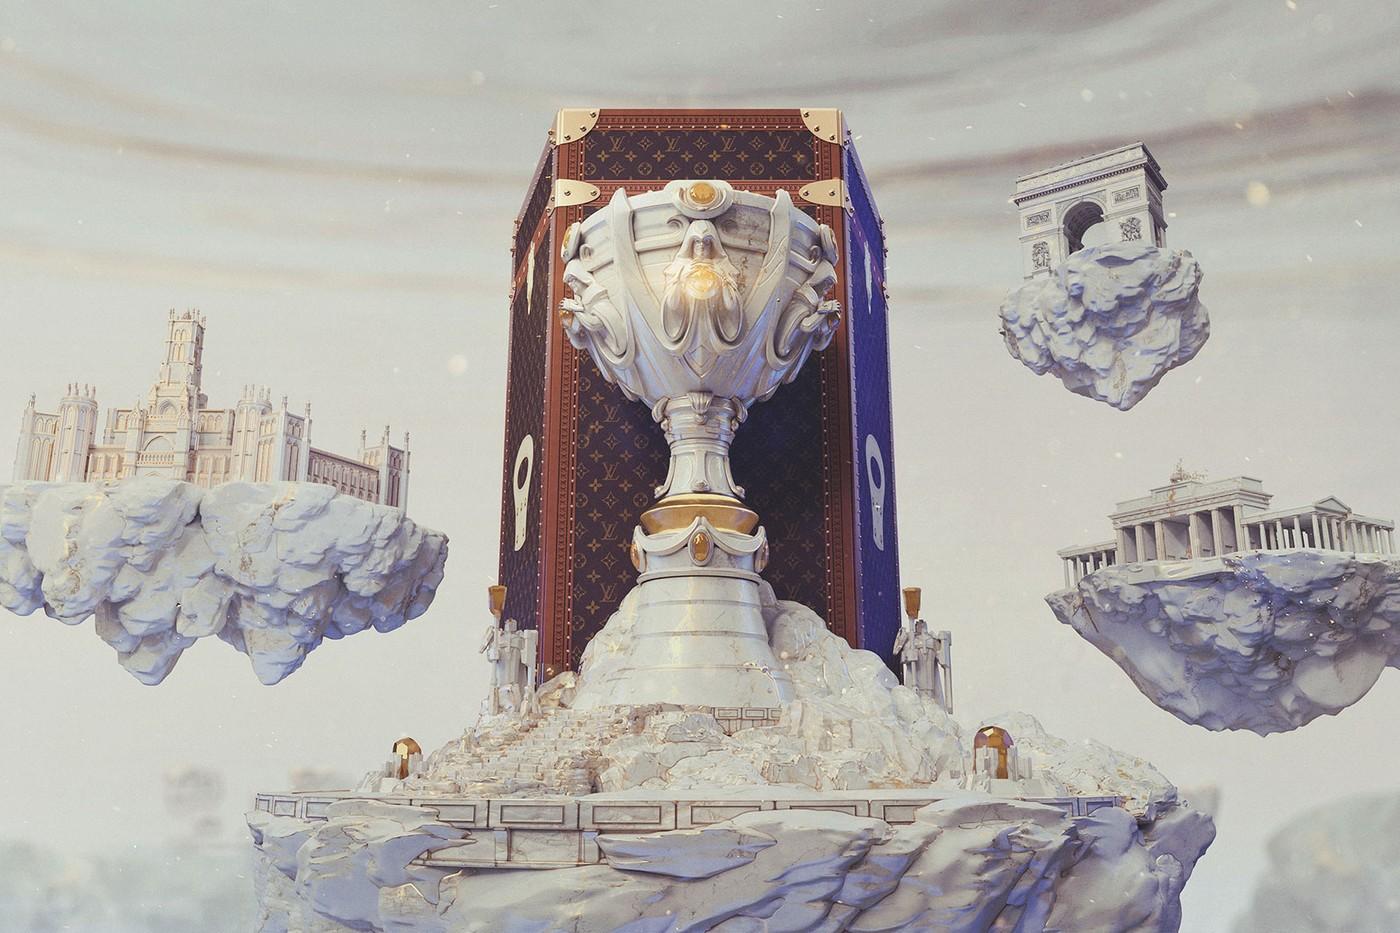 Louis-vuitton-league-of-legends-trophy-case-5